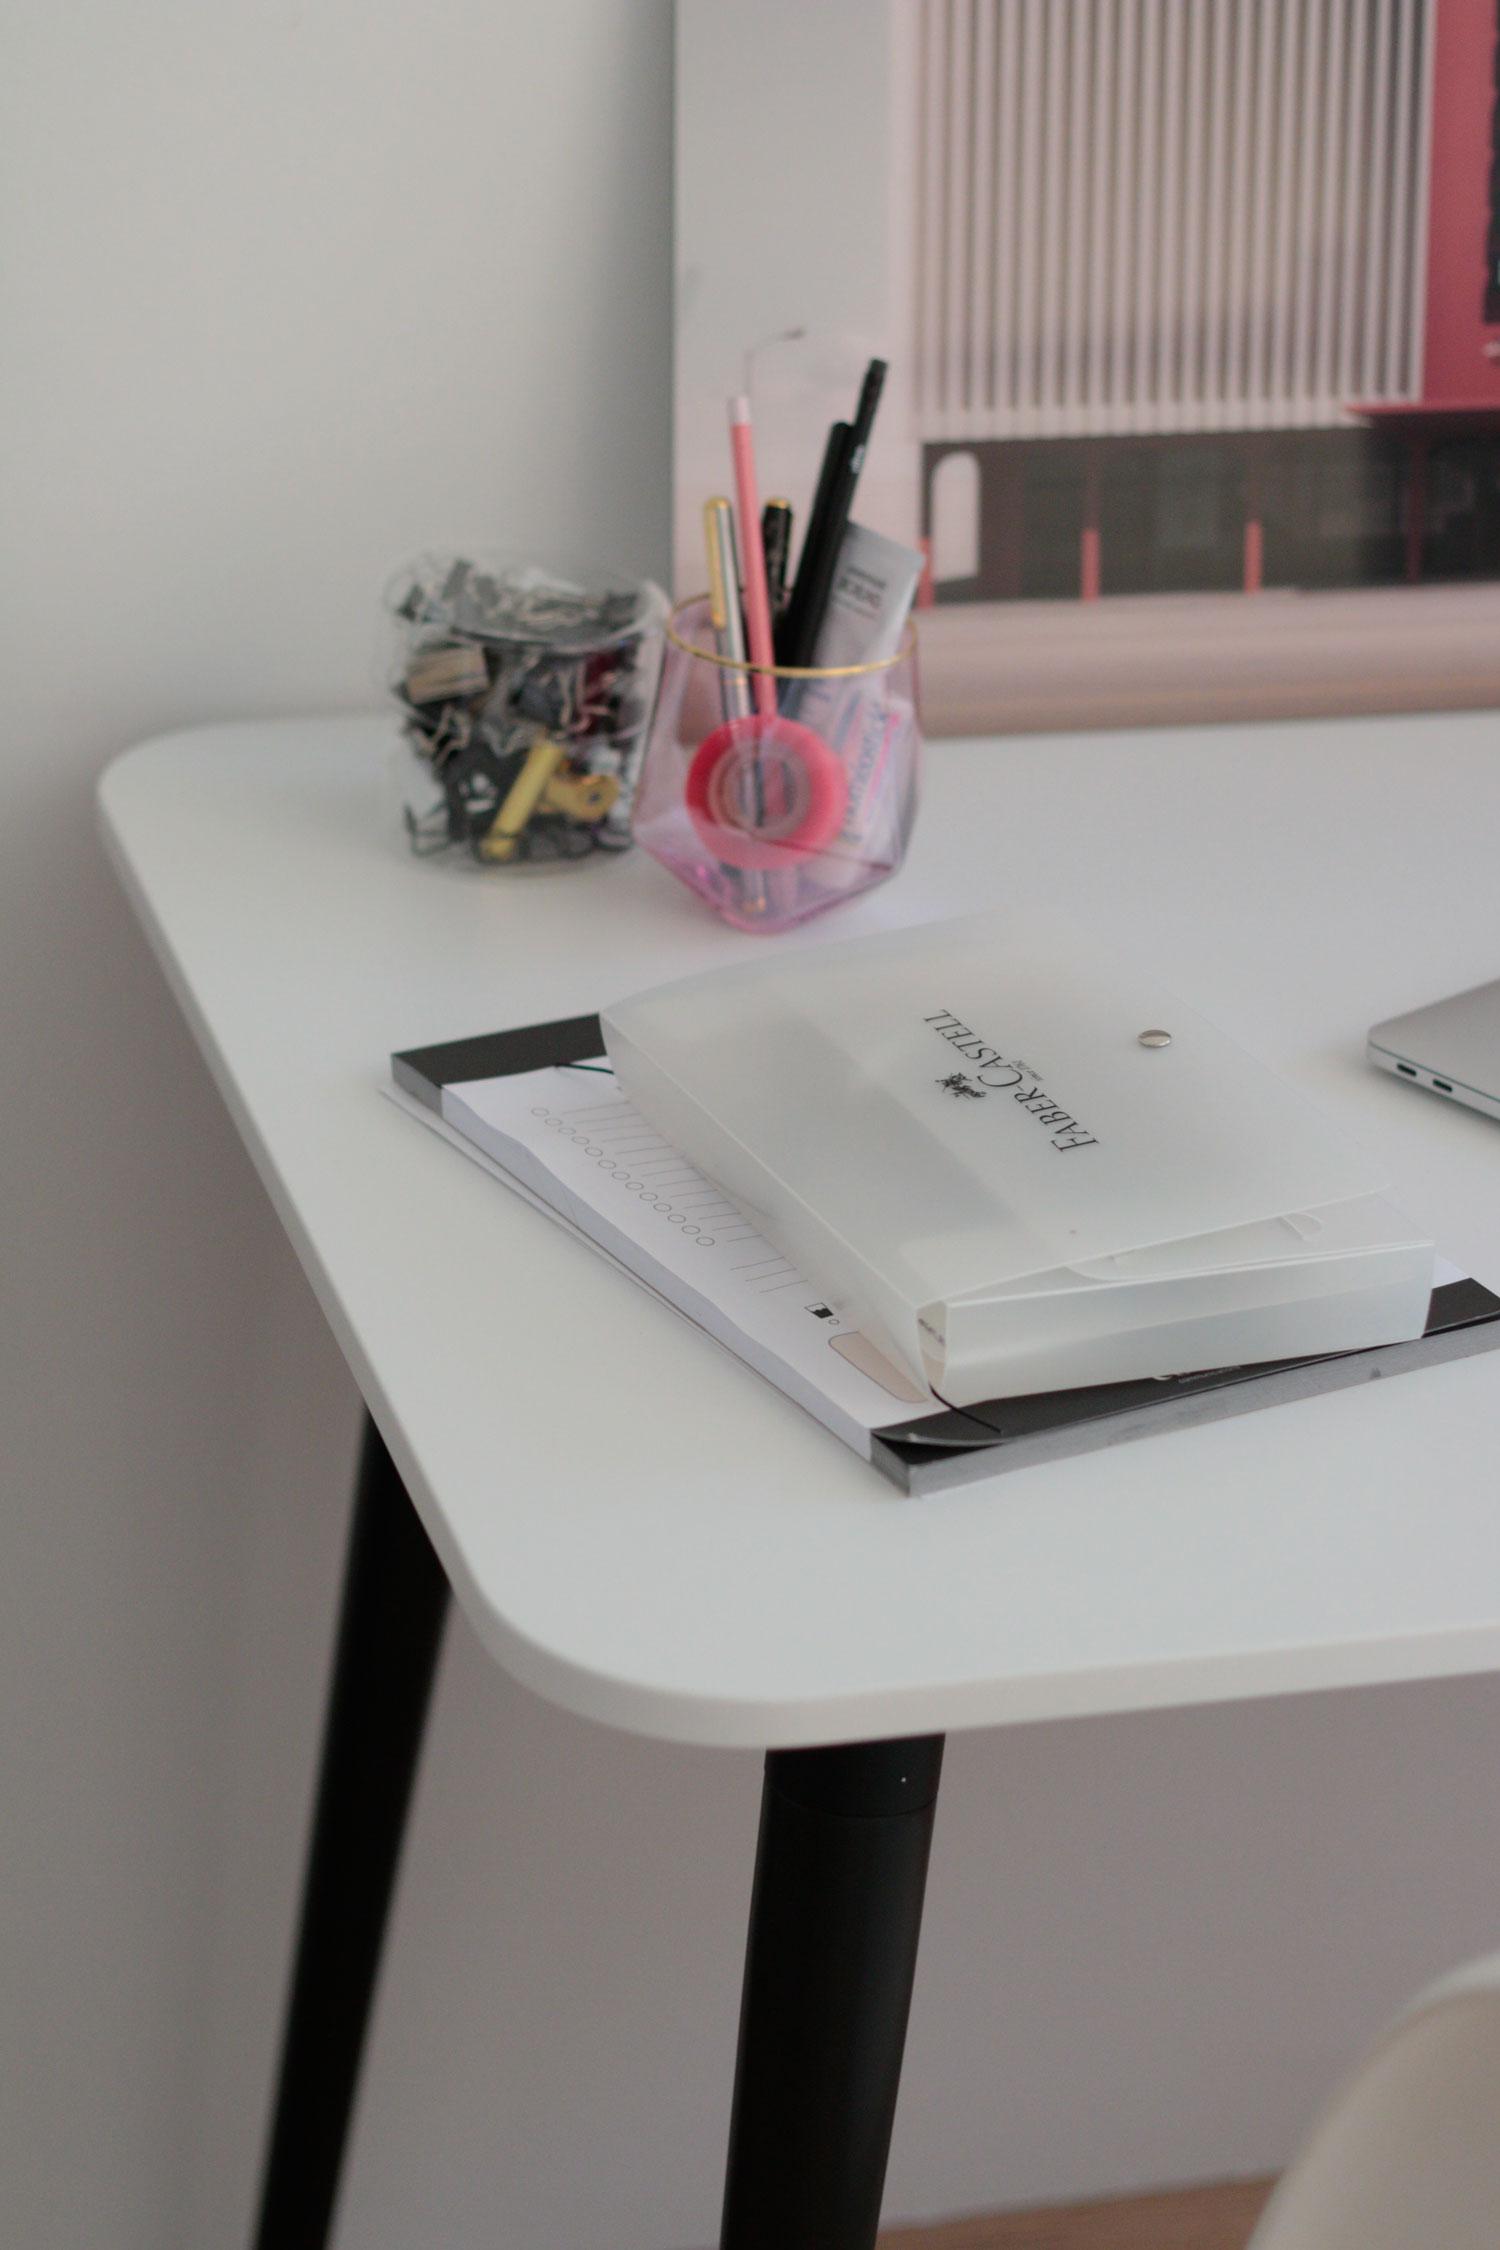 Arbeitszimmer Update - www.lesfactoryfemmes.com